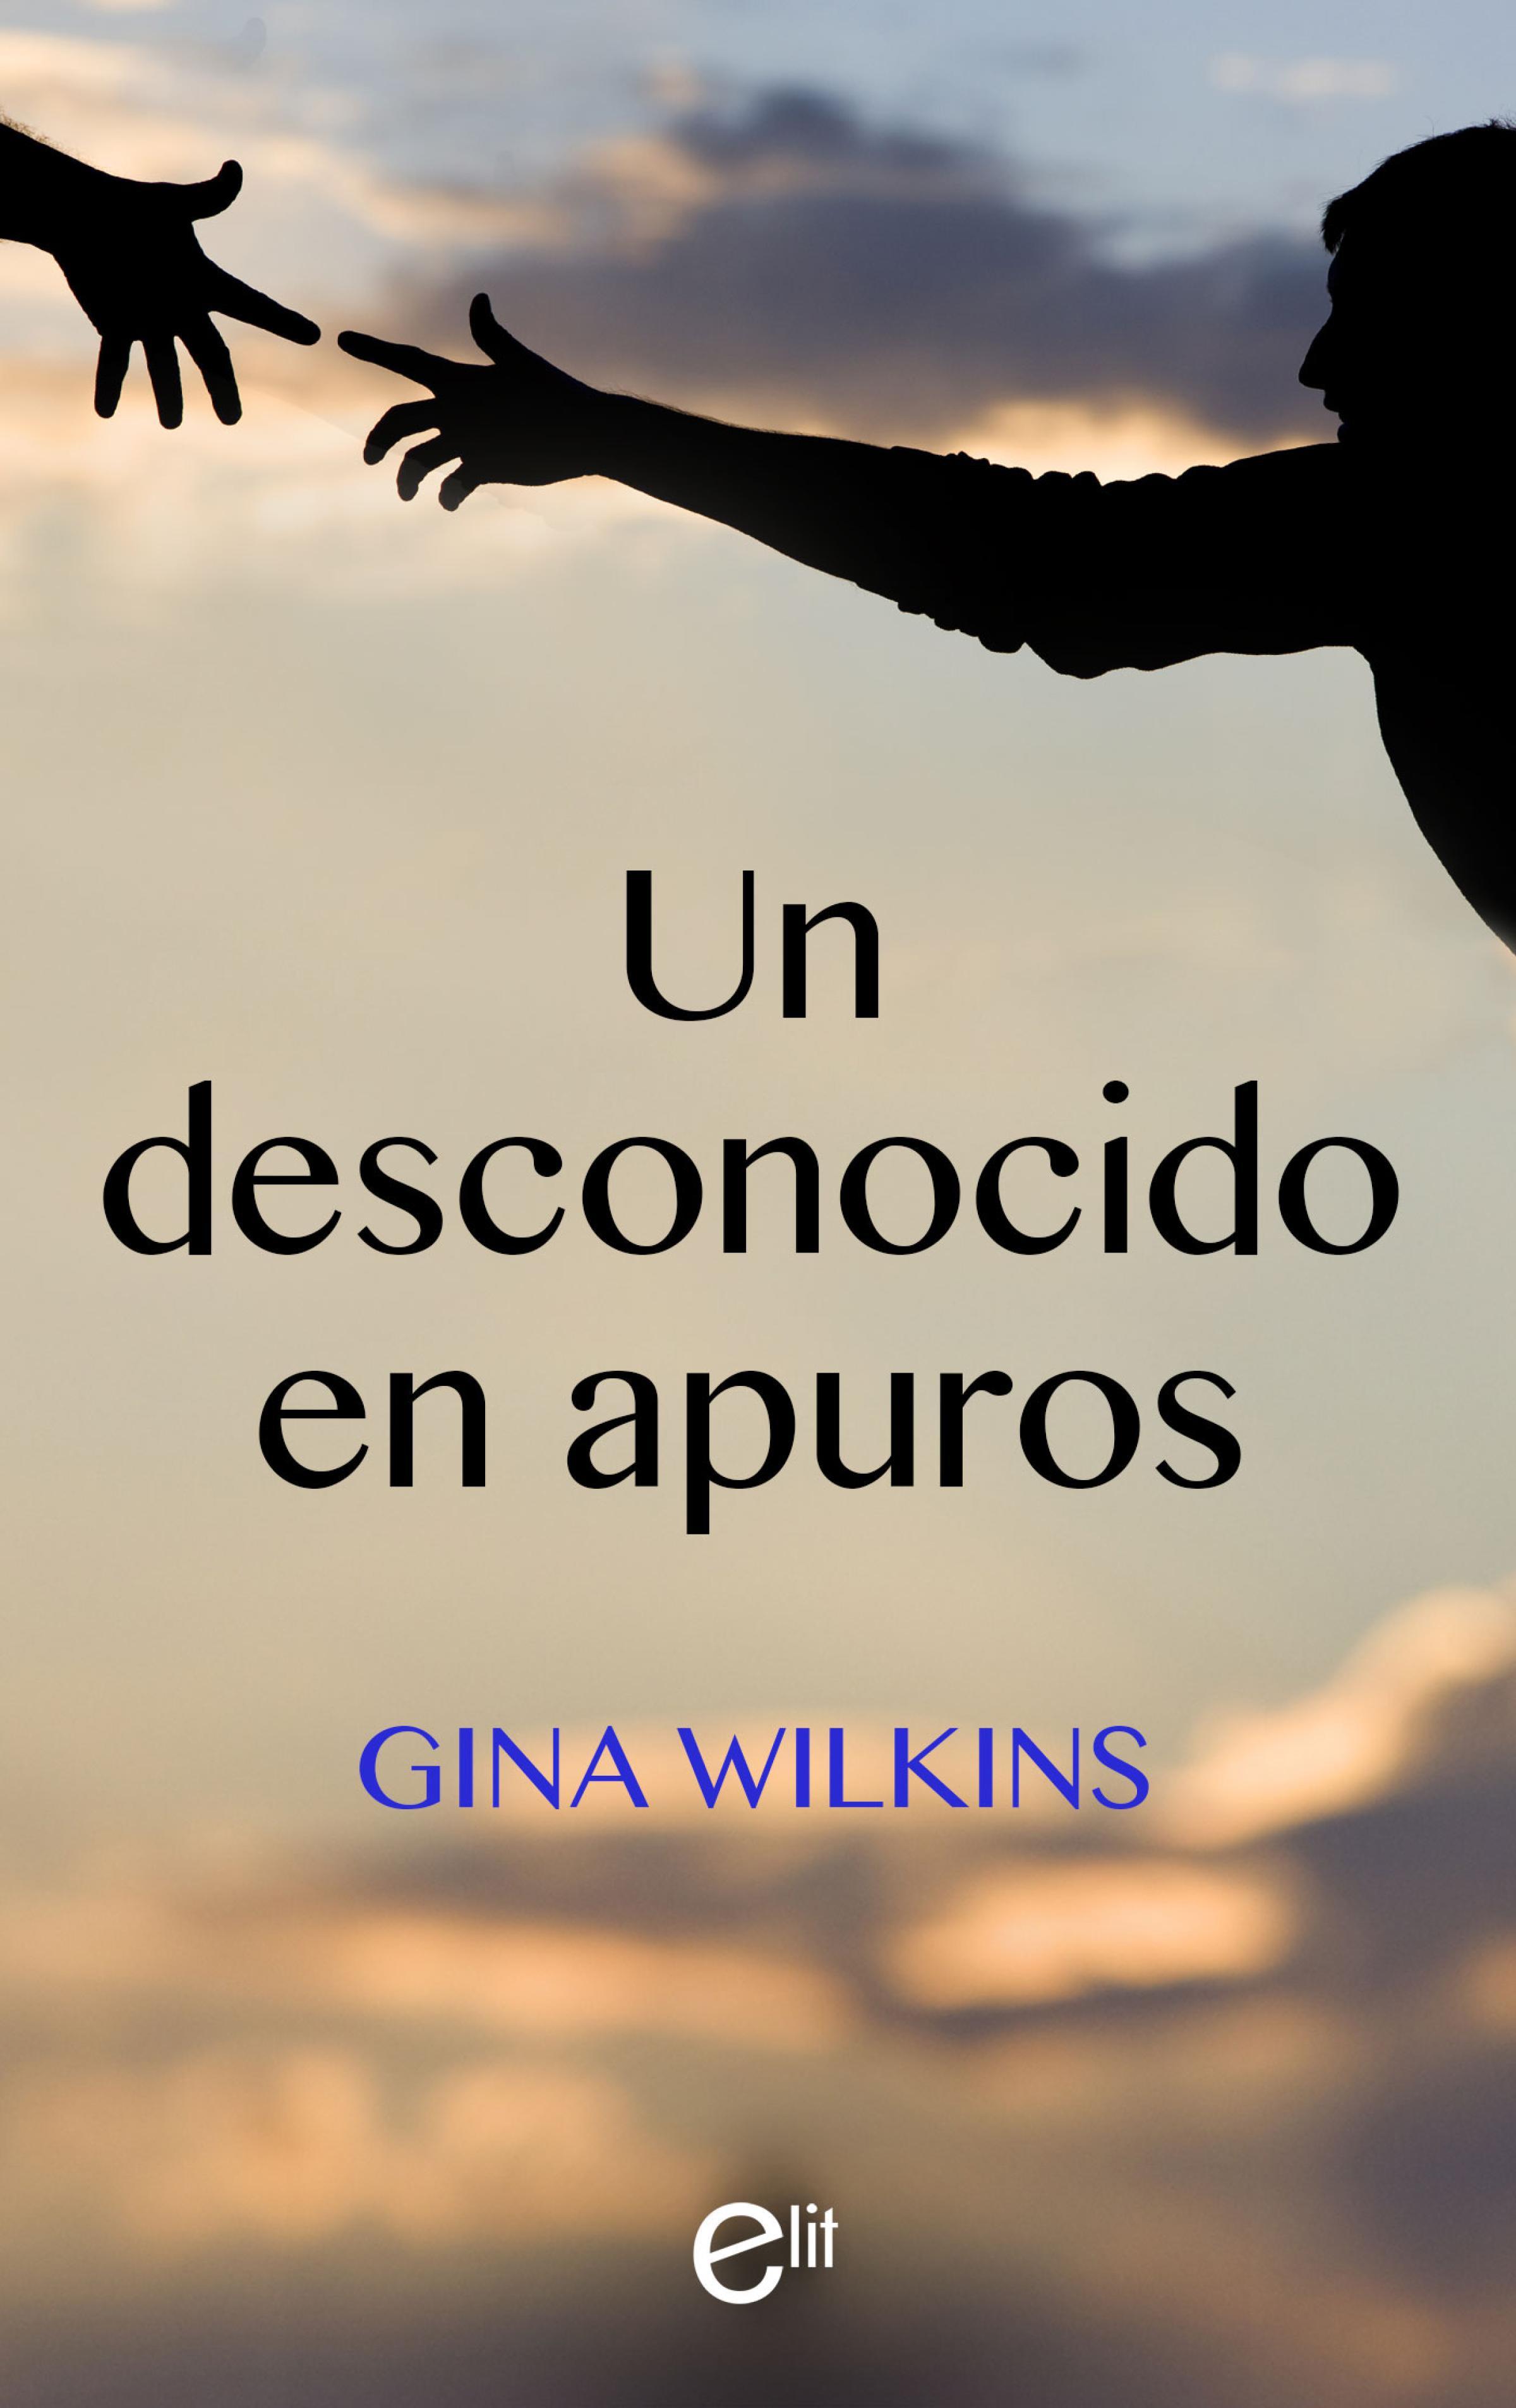 GINA WILKINS Un desconocido en apuros kate hewitt un marido desconocido